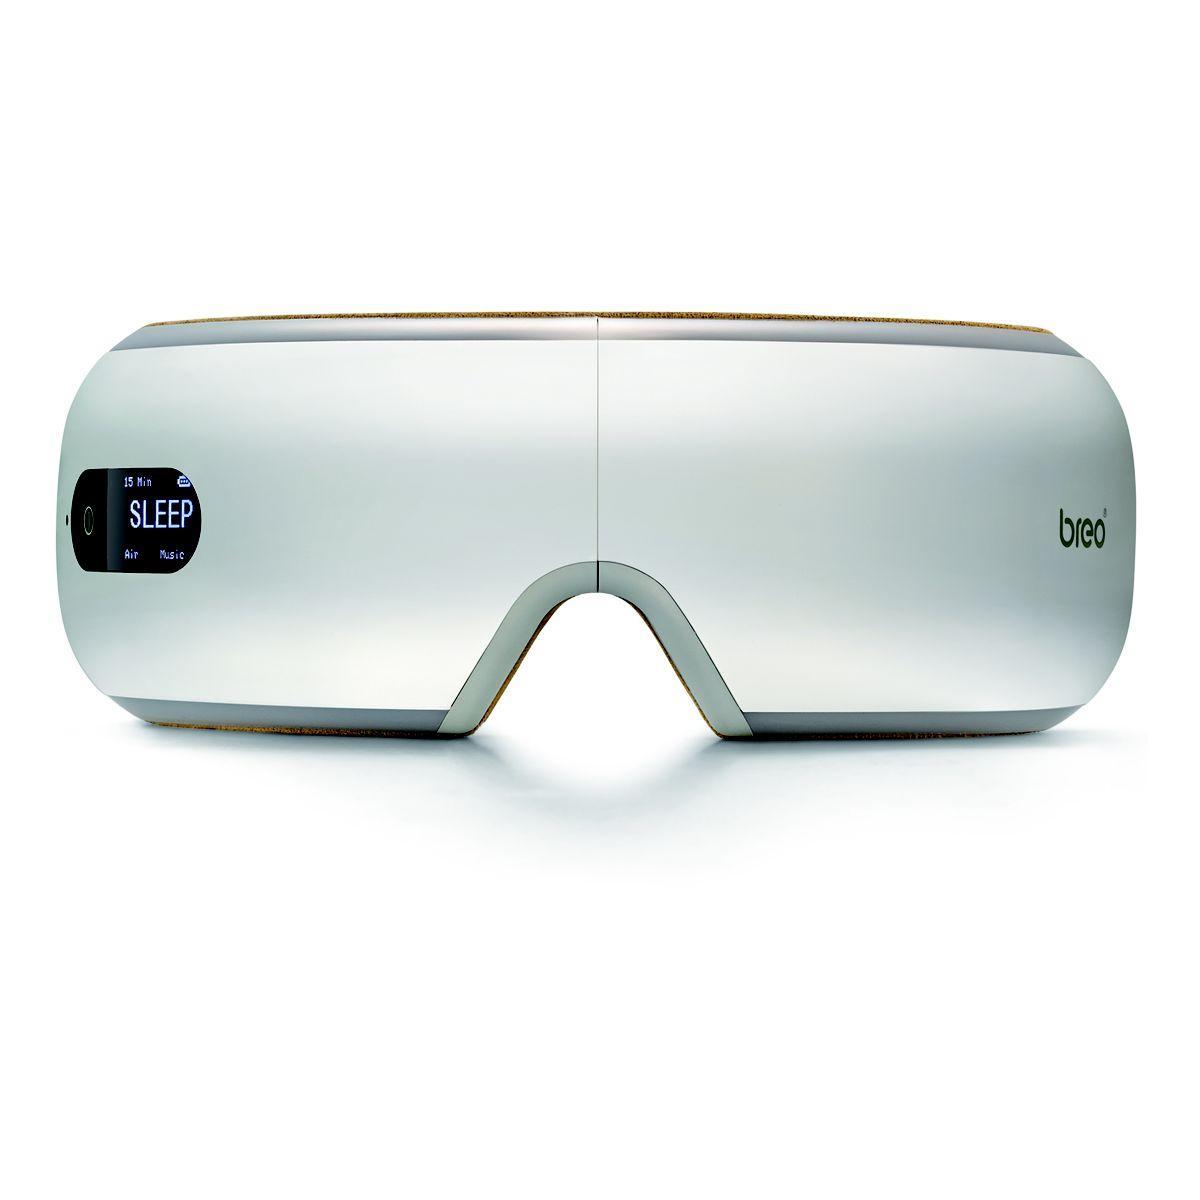 Masque de relaxation breo pour les yeux isee4 - livraison offerte : code premium (photo)